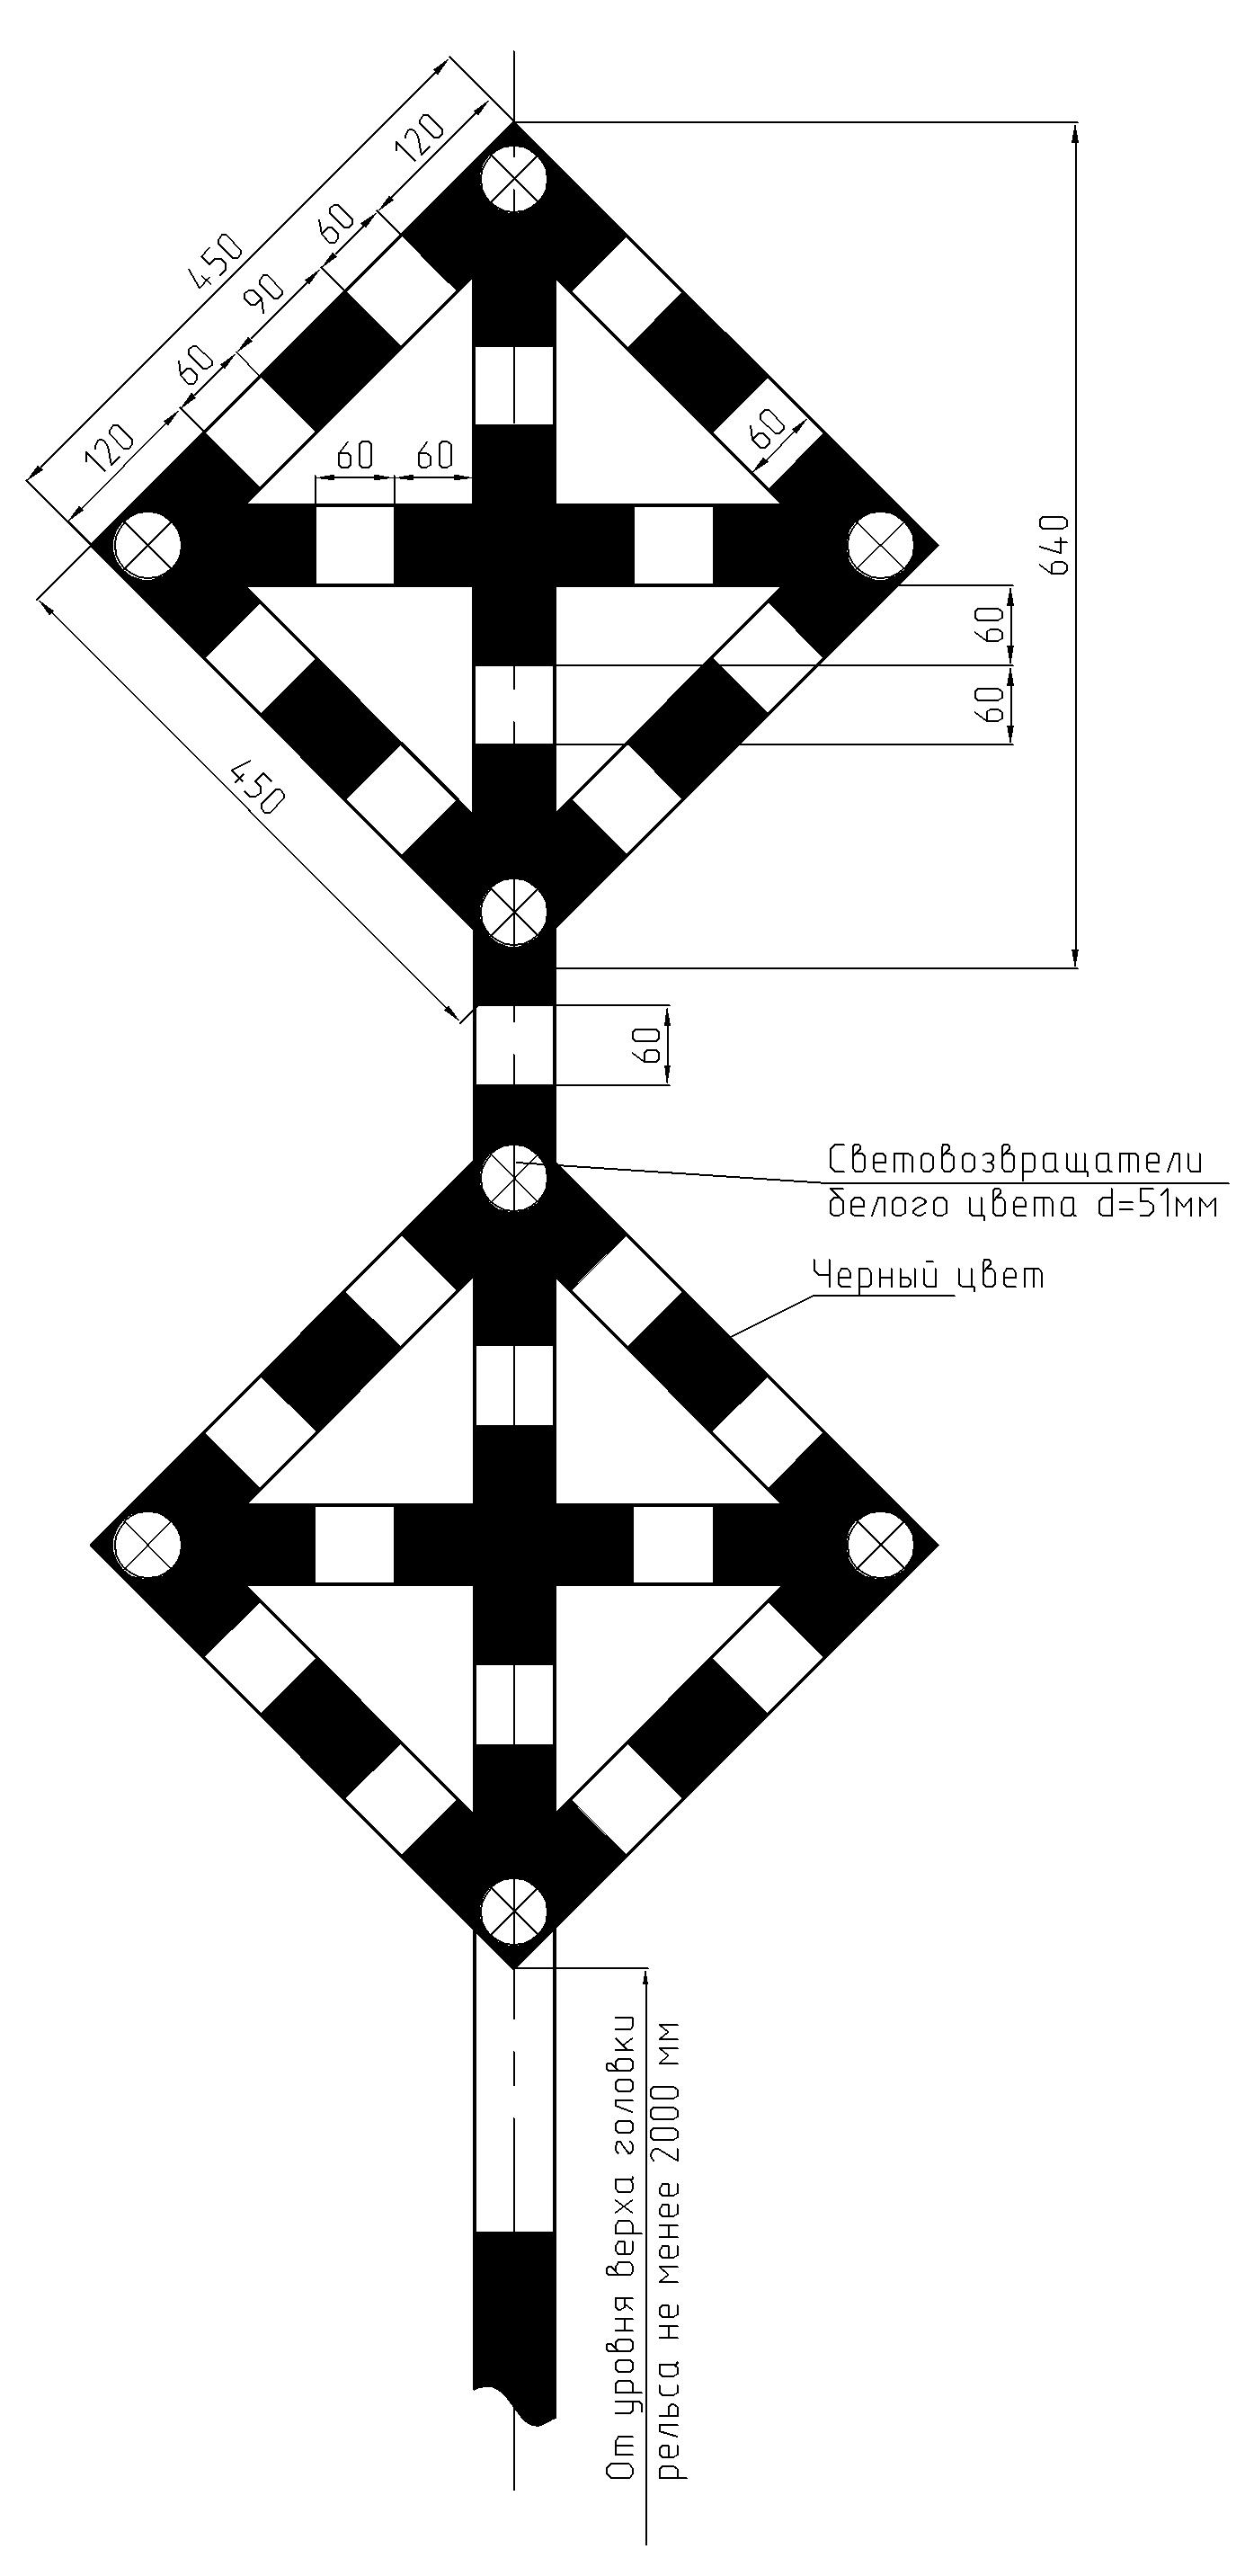 Рисунок 38. Временные сигнальные знаки «Поднять нож, закрыть крылья» при наличии одного препятствия при наличии двух препятствий, между которыми невозможна работа снегоочистителя